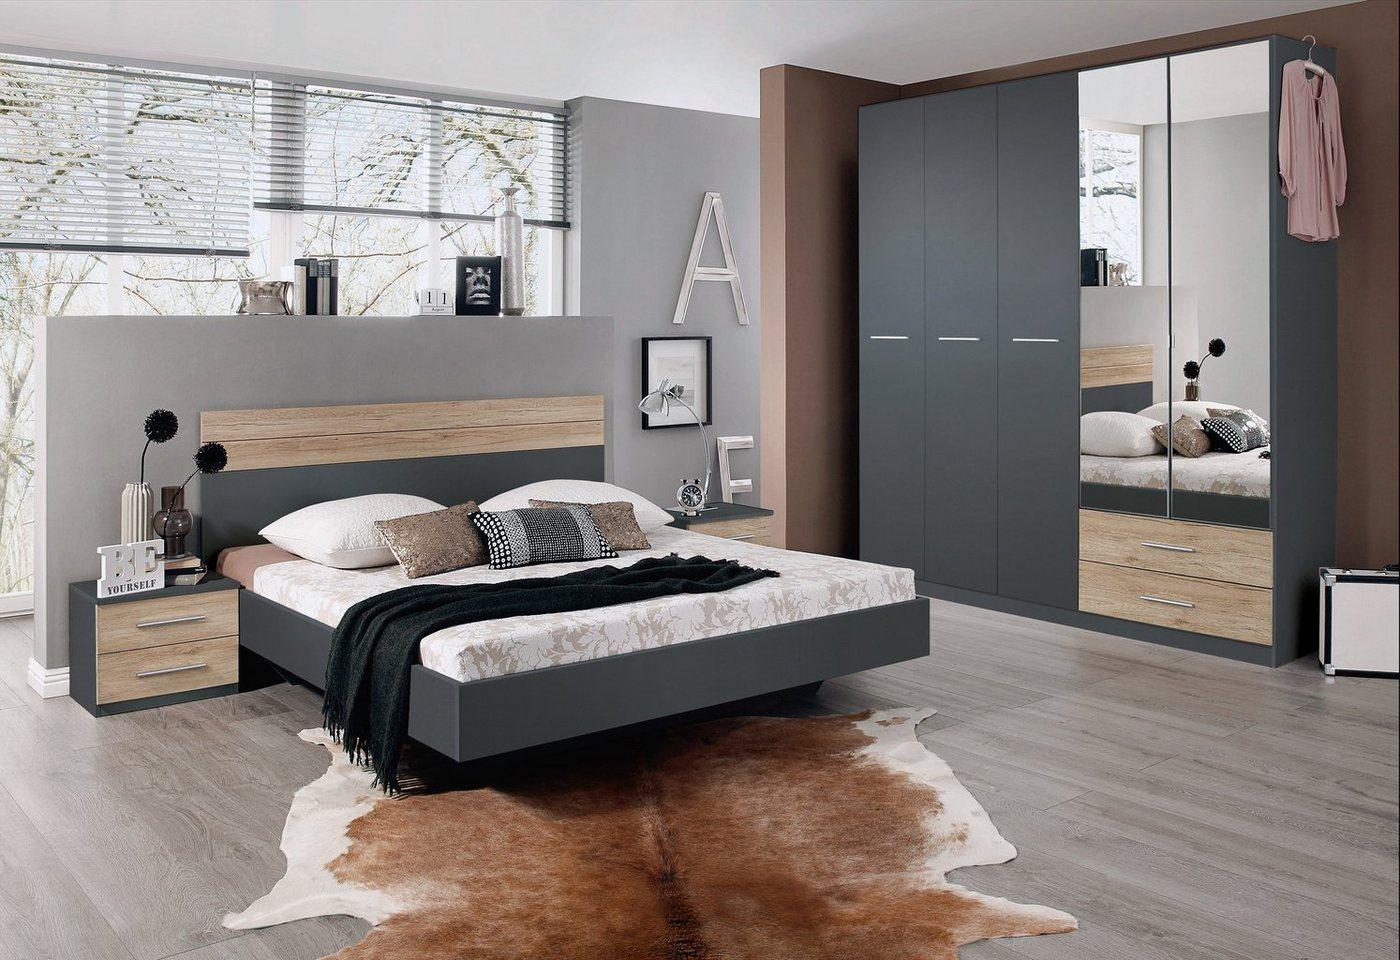 beschlaege fuer betten preisvergleiche. Black Bedroom Furniture Sets. Home Design Ideas